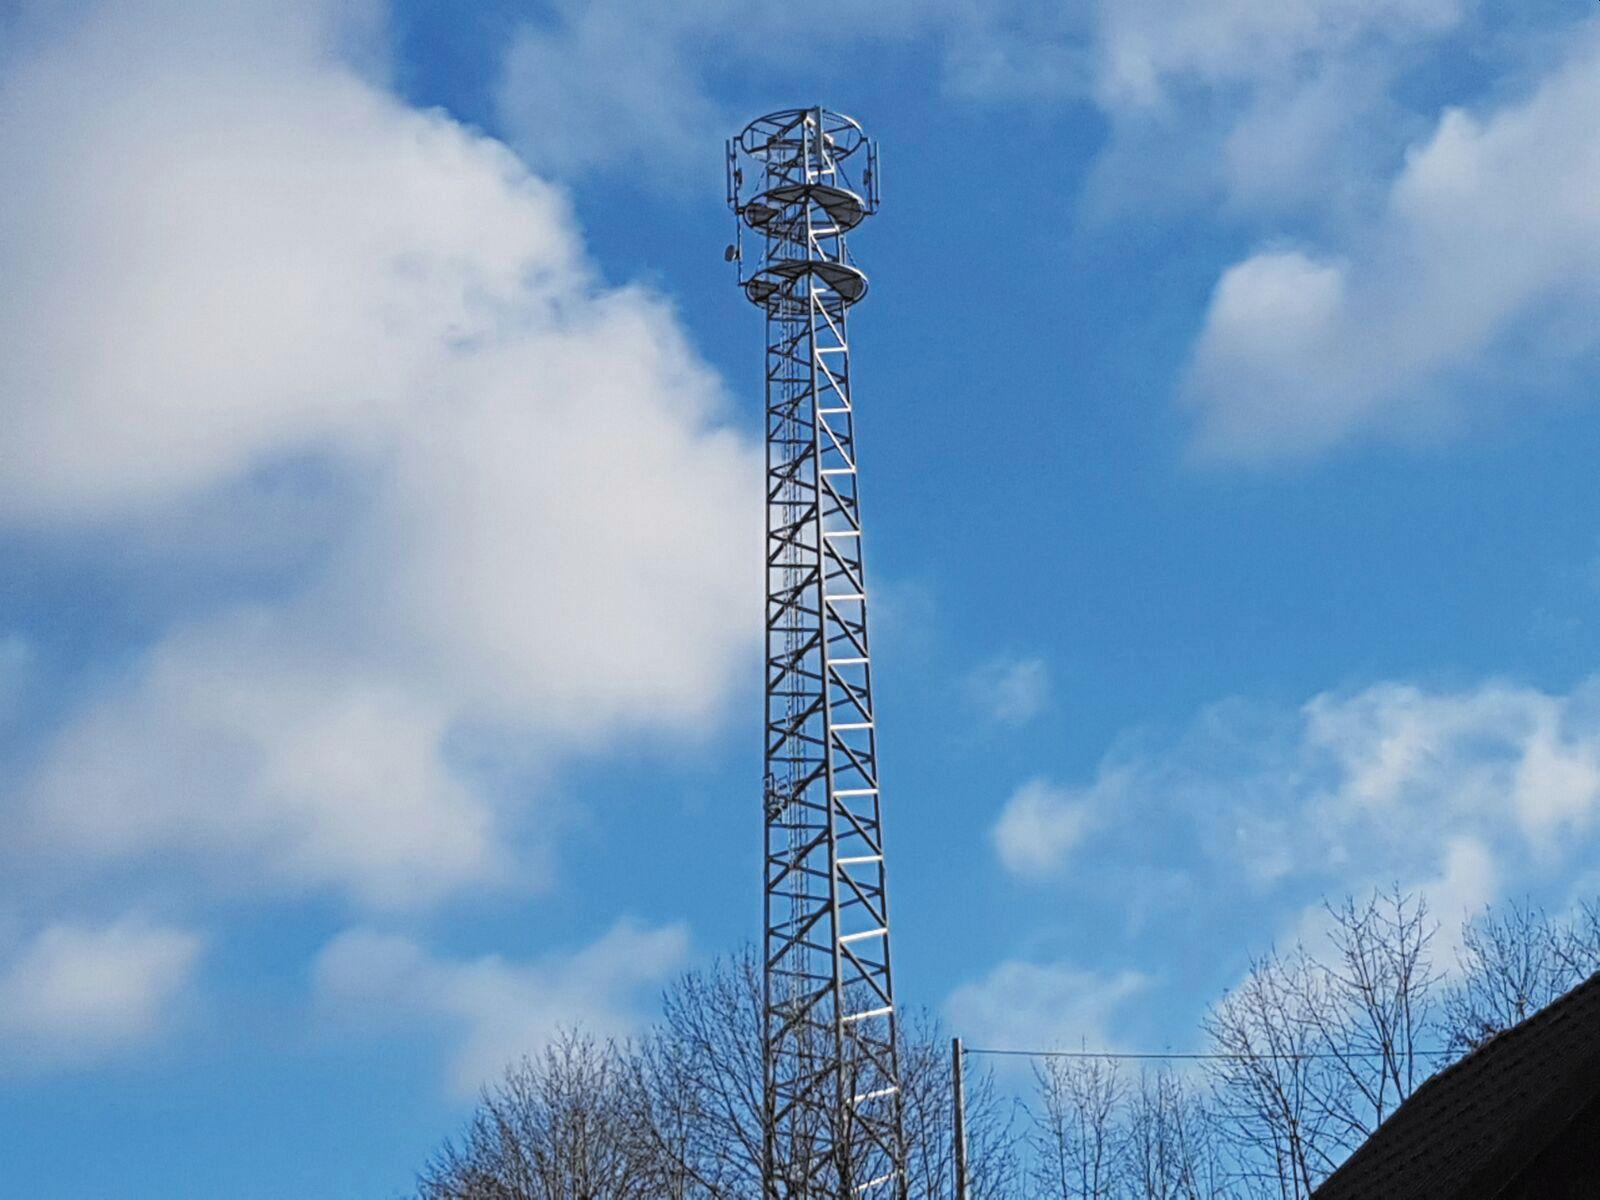 Trzeci nadajnik telekomunikacyjny w Rzykach! Teraz chce go budować T-Mobile